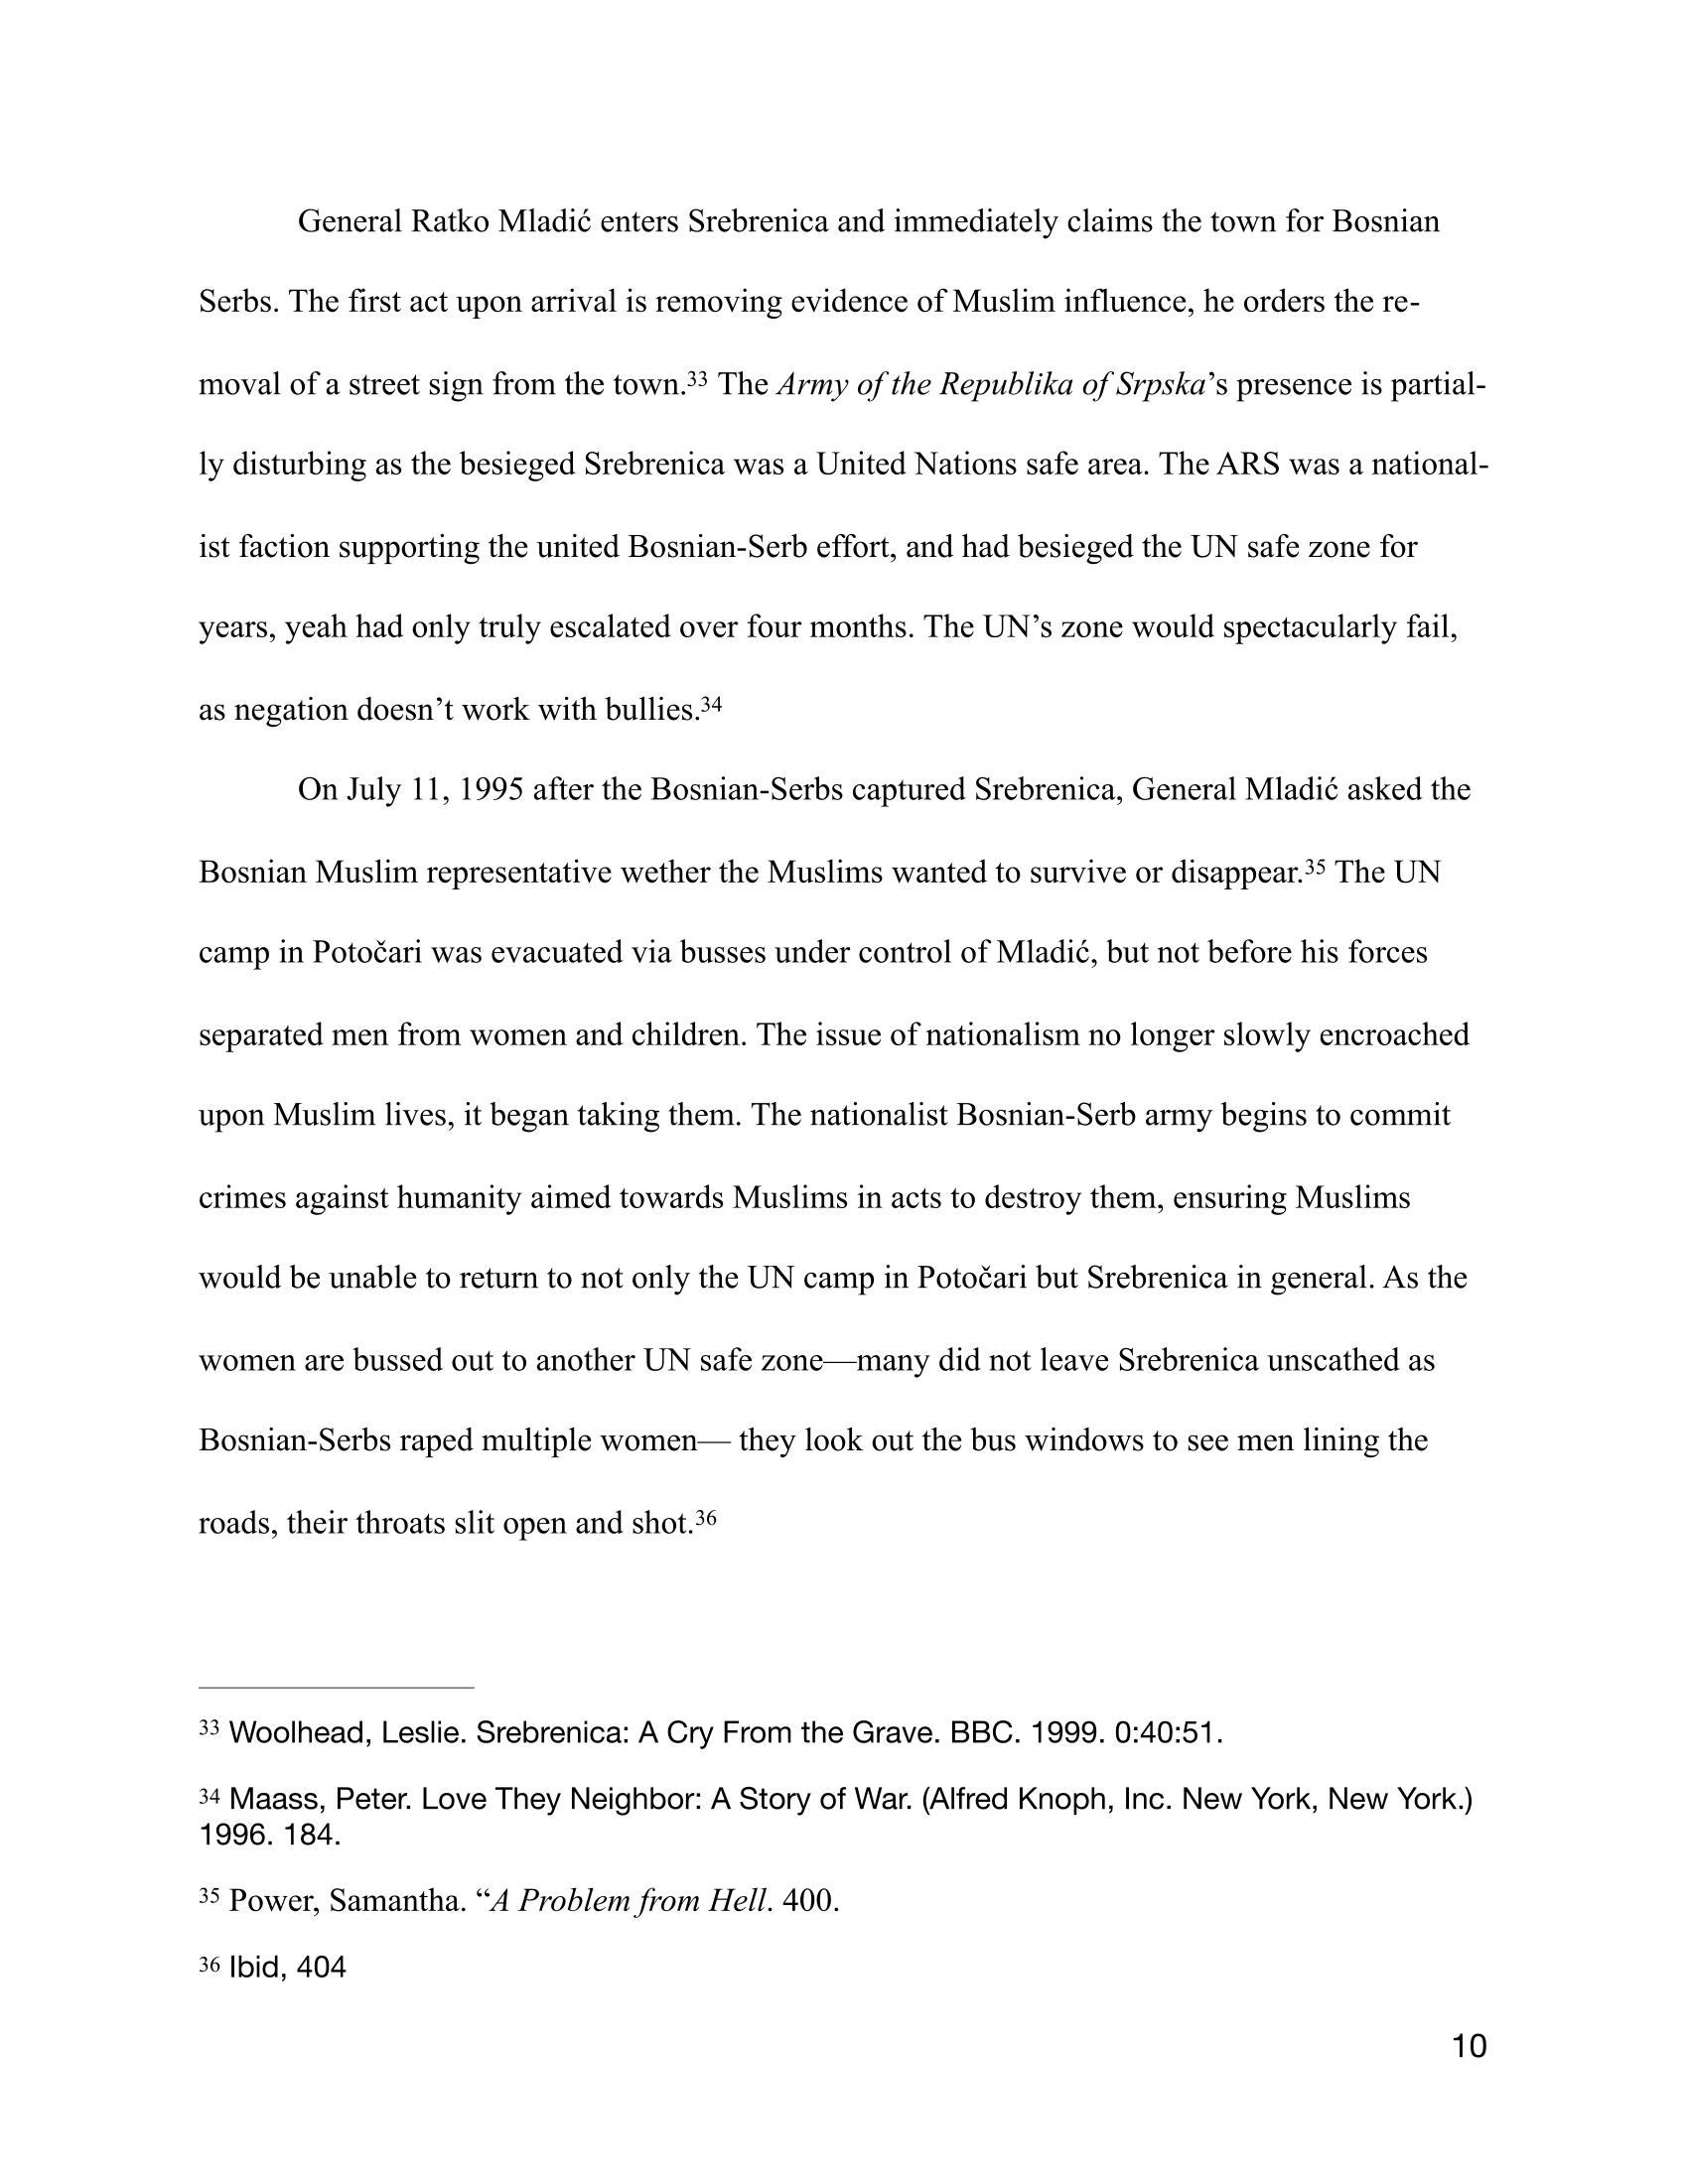 Yugoslavia_Final-Draft_Milner_pdf-10.png